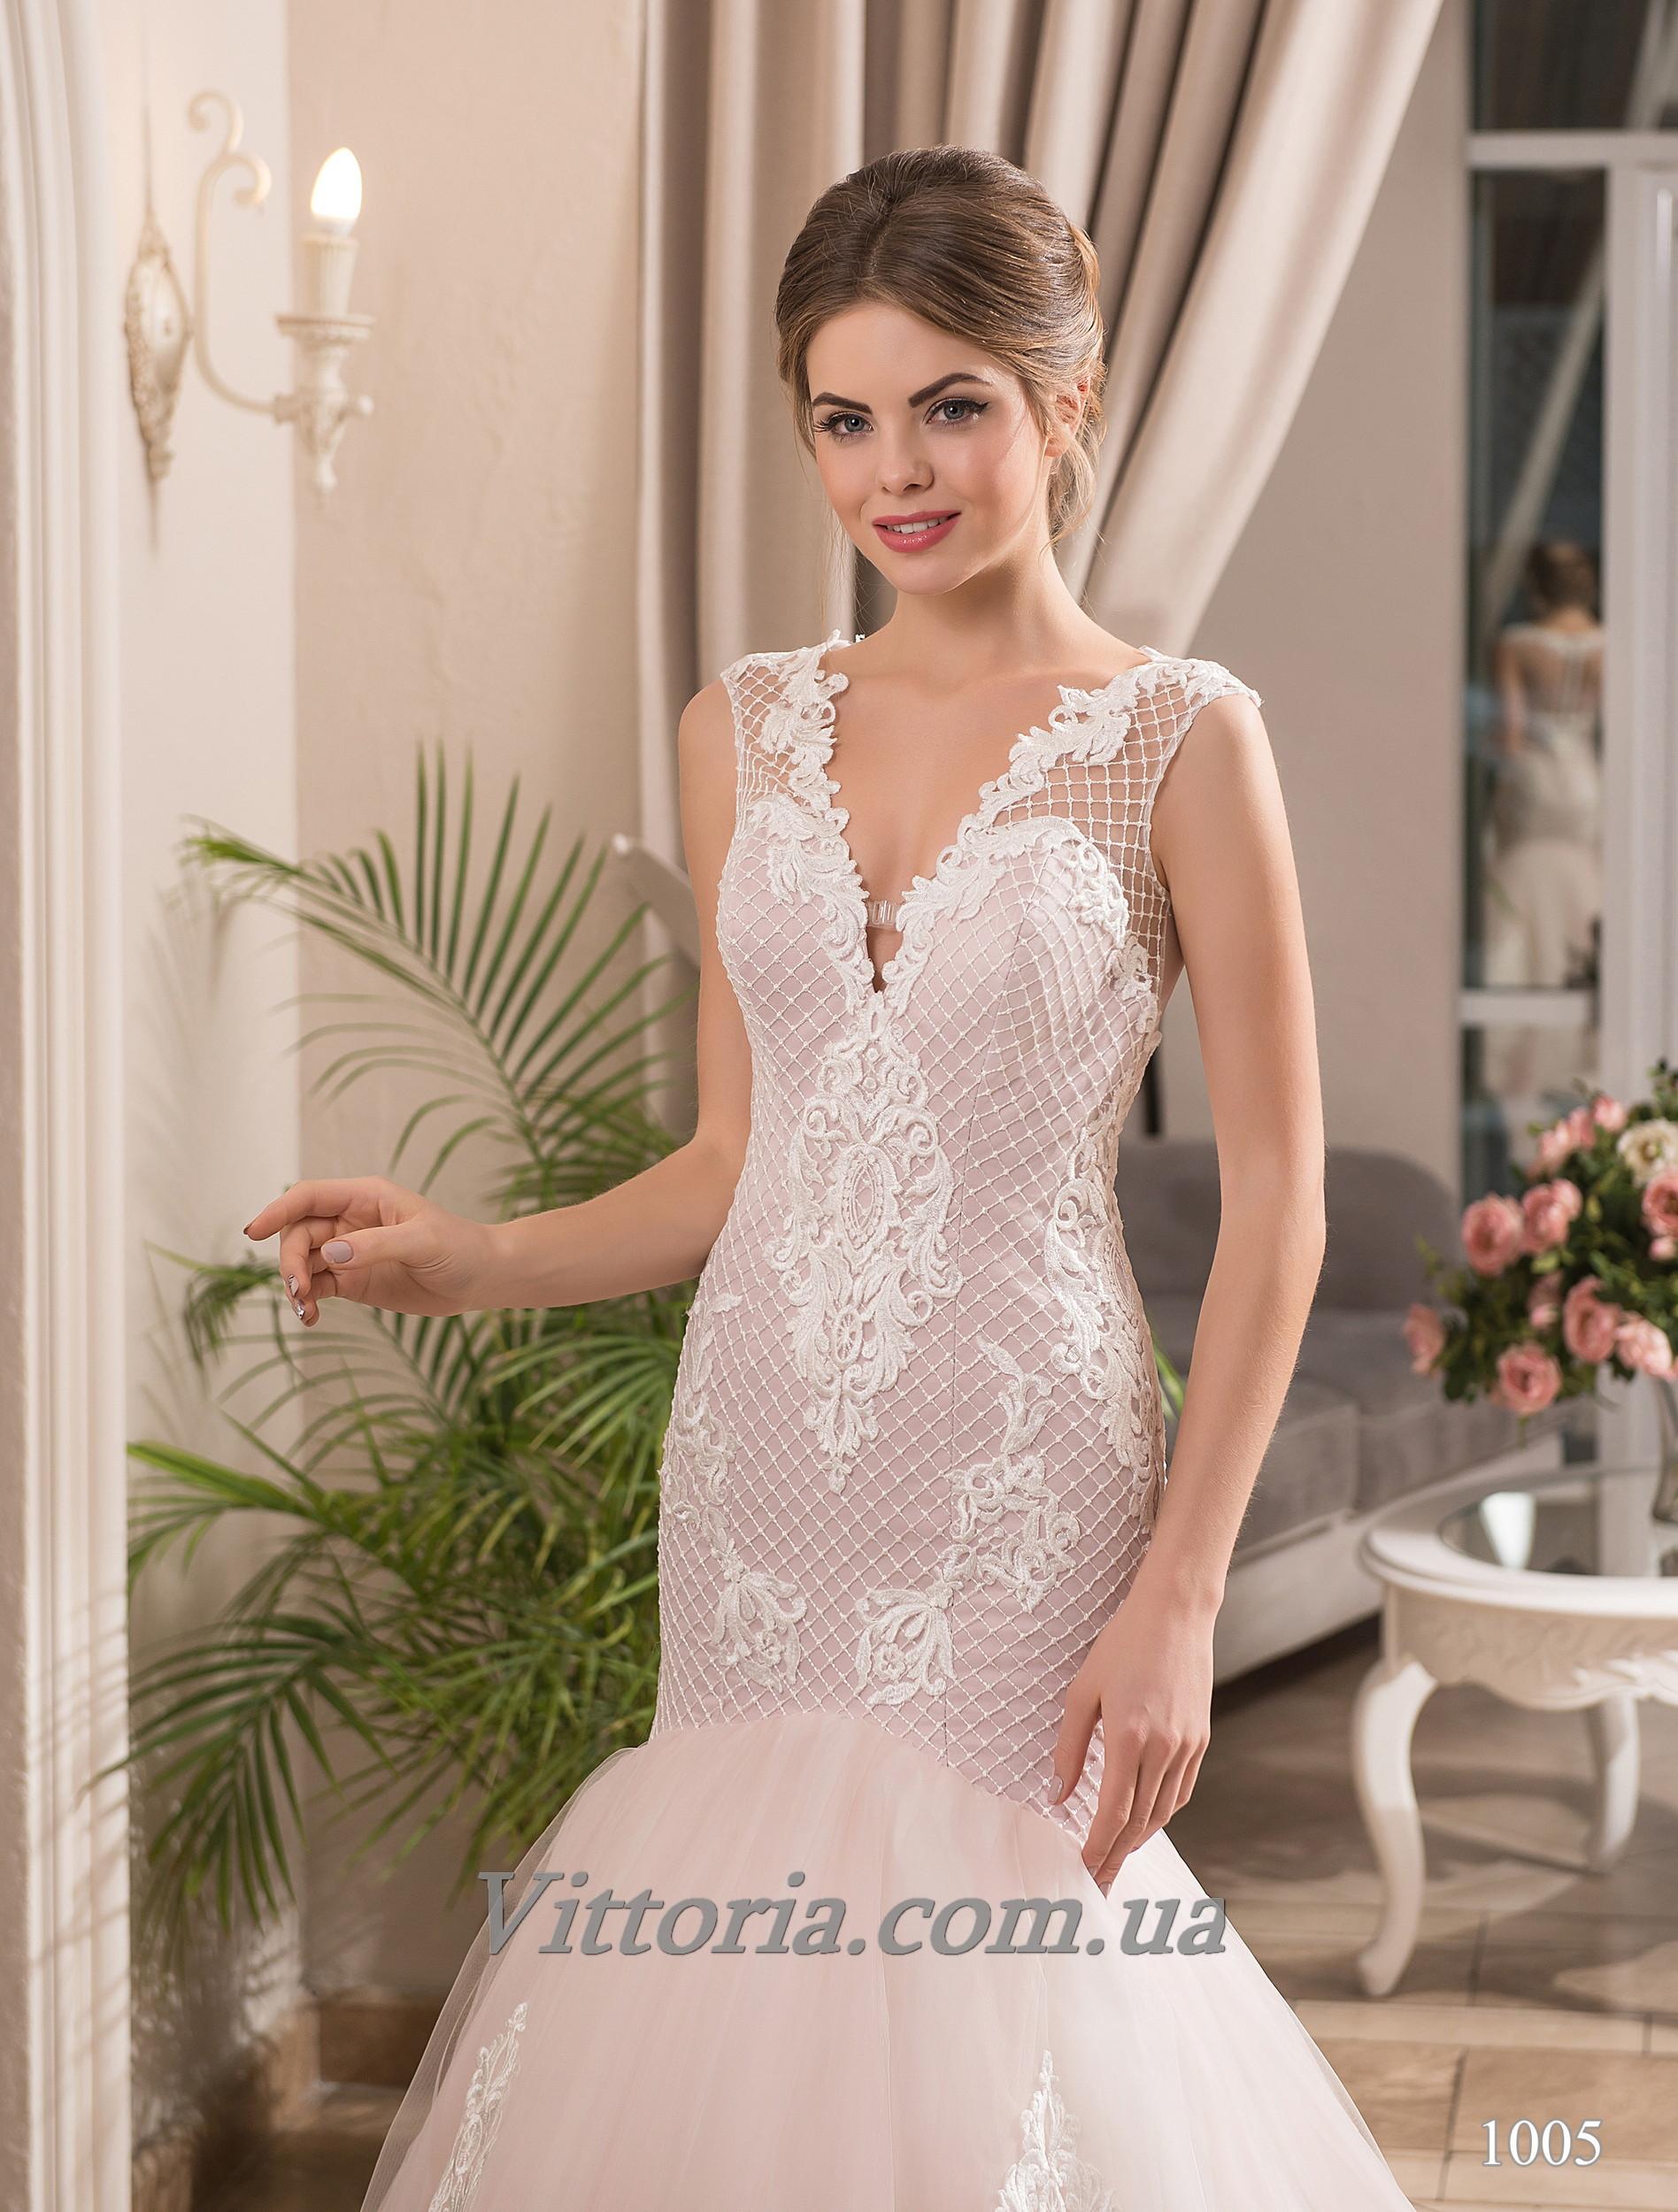 Свадебное платье Модель 17-1005